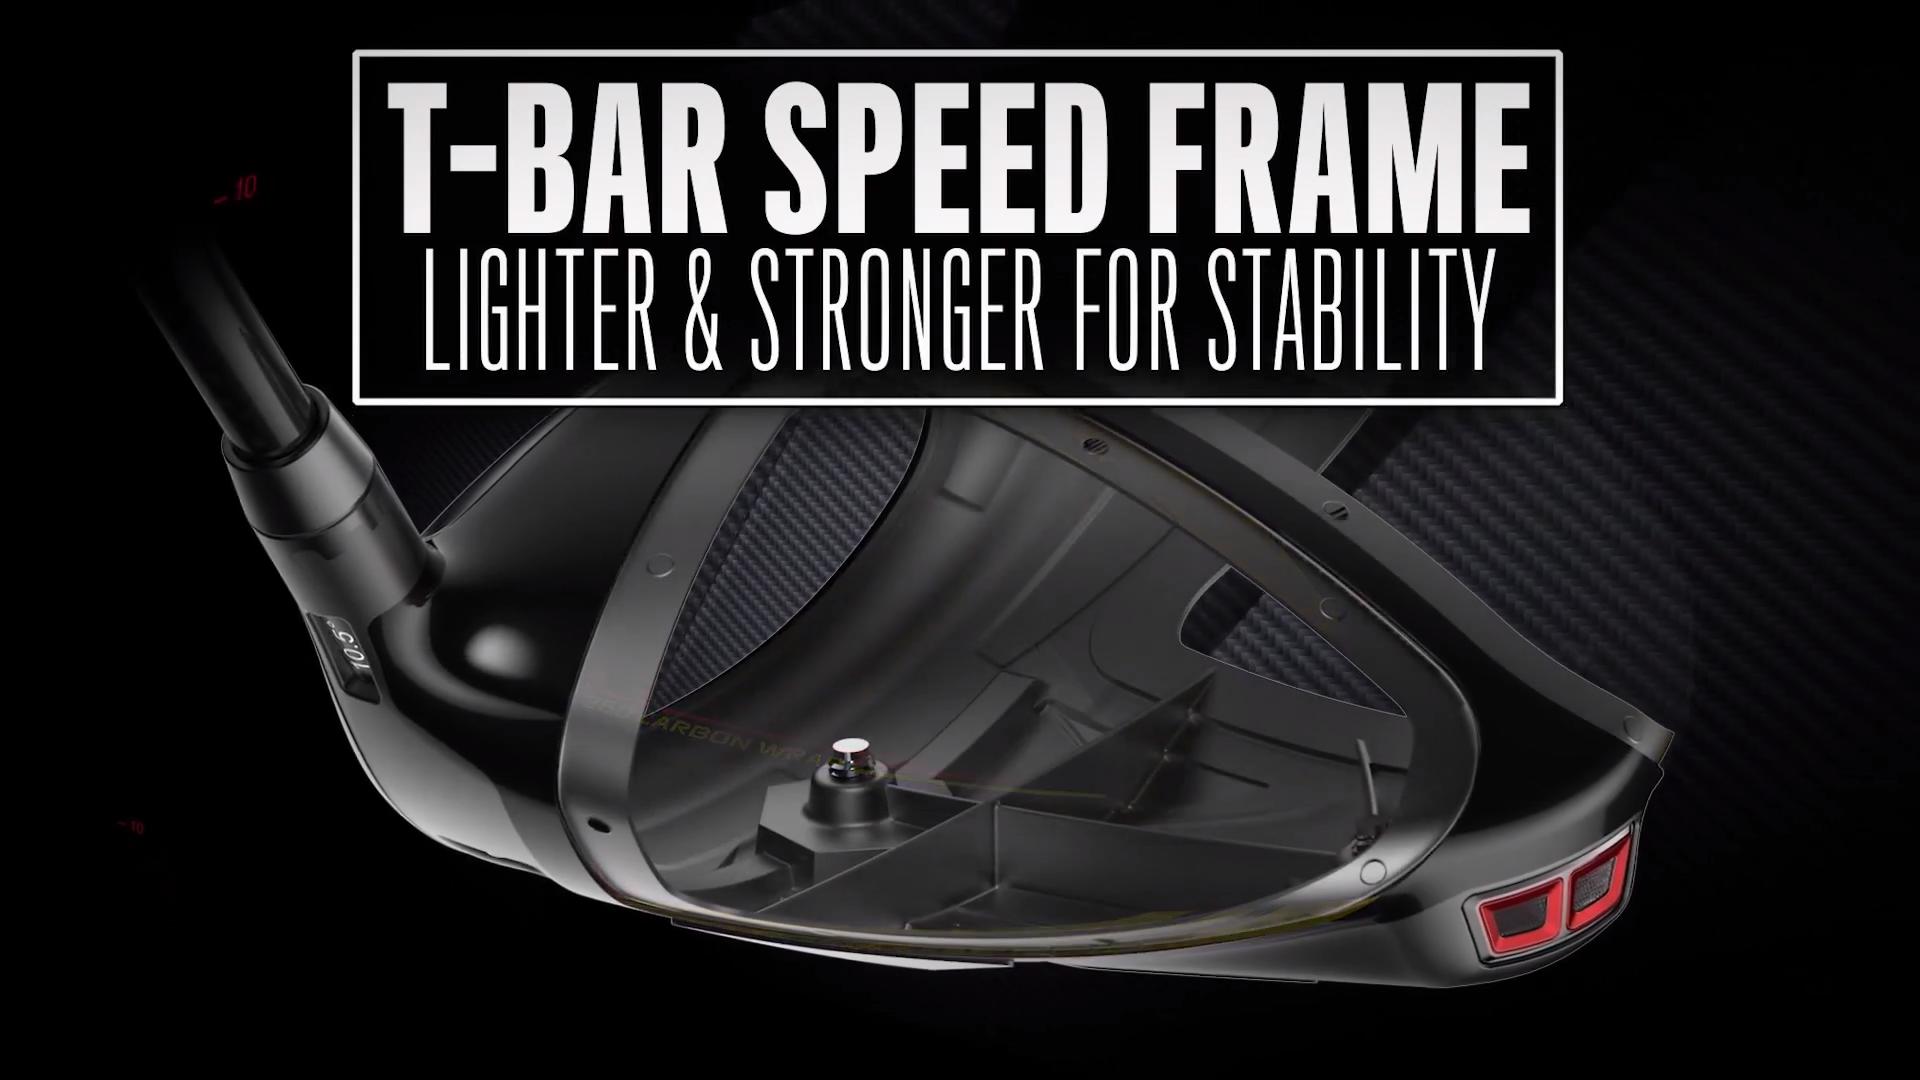 Cobra speedzone - Stability Zone - T-Bar Speed Frame